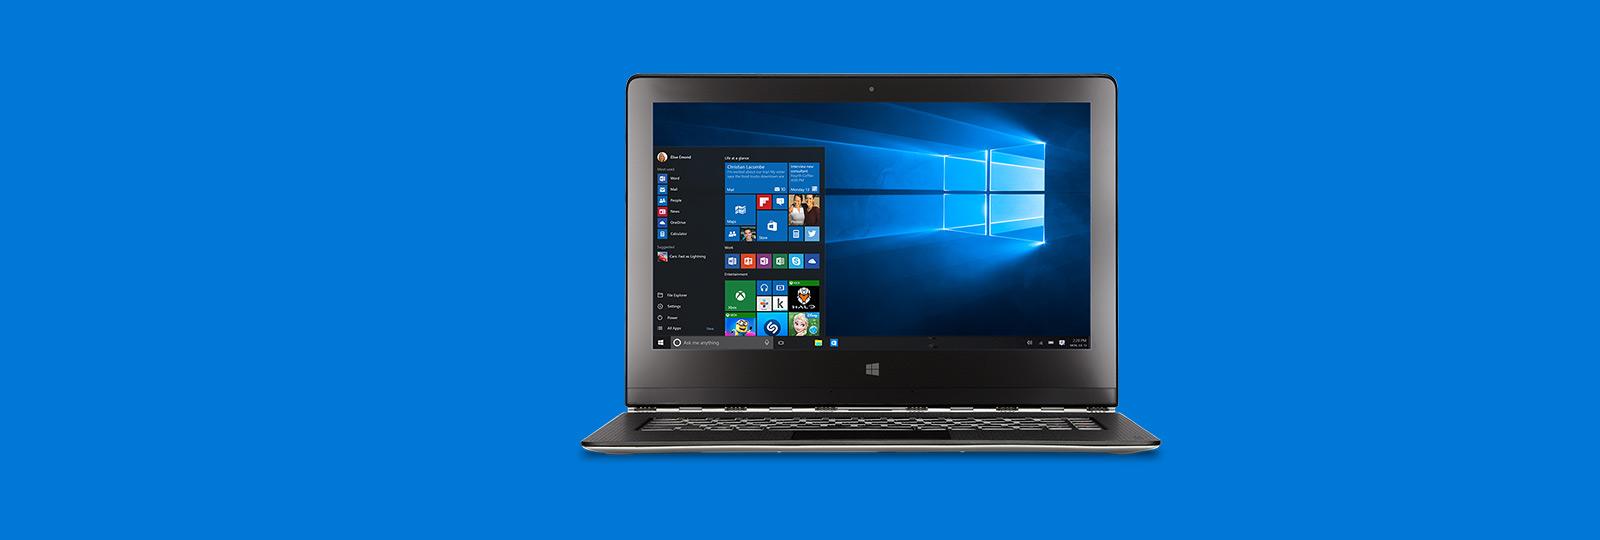 迄今为止最好的 Windows。免费升级。*